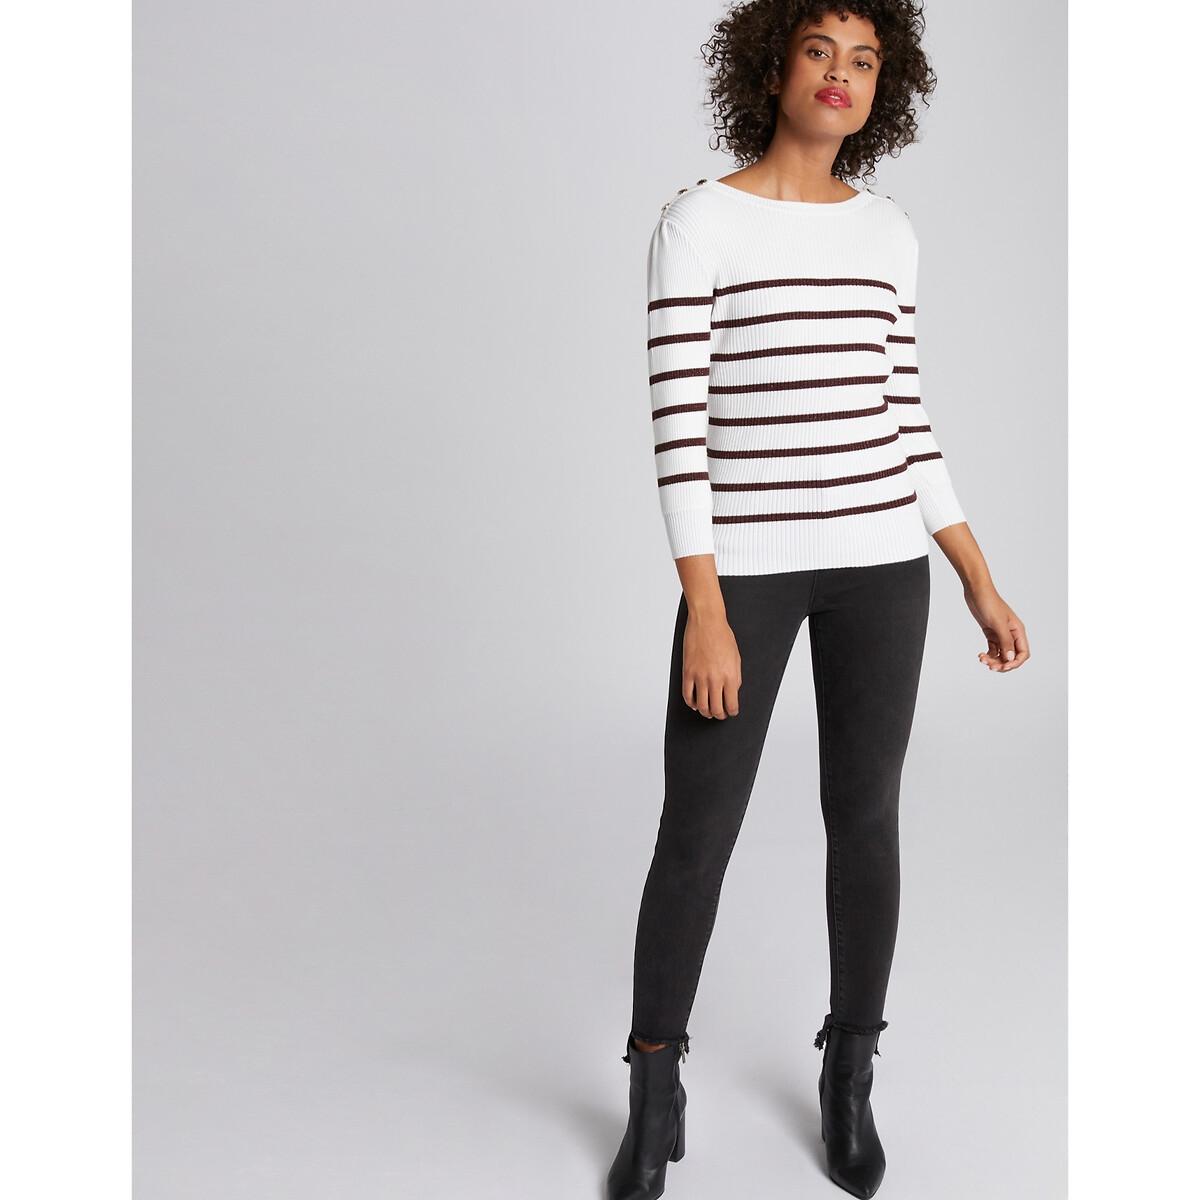 Пуловер La Redoute В рубчик в полоску с отделкой пуговицами на плечах L белый